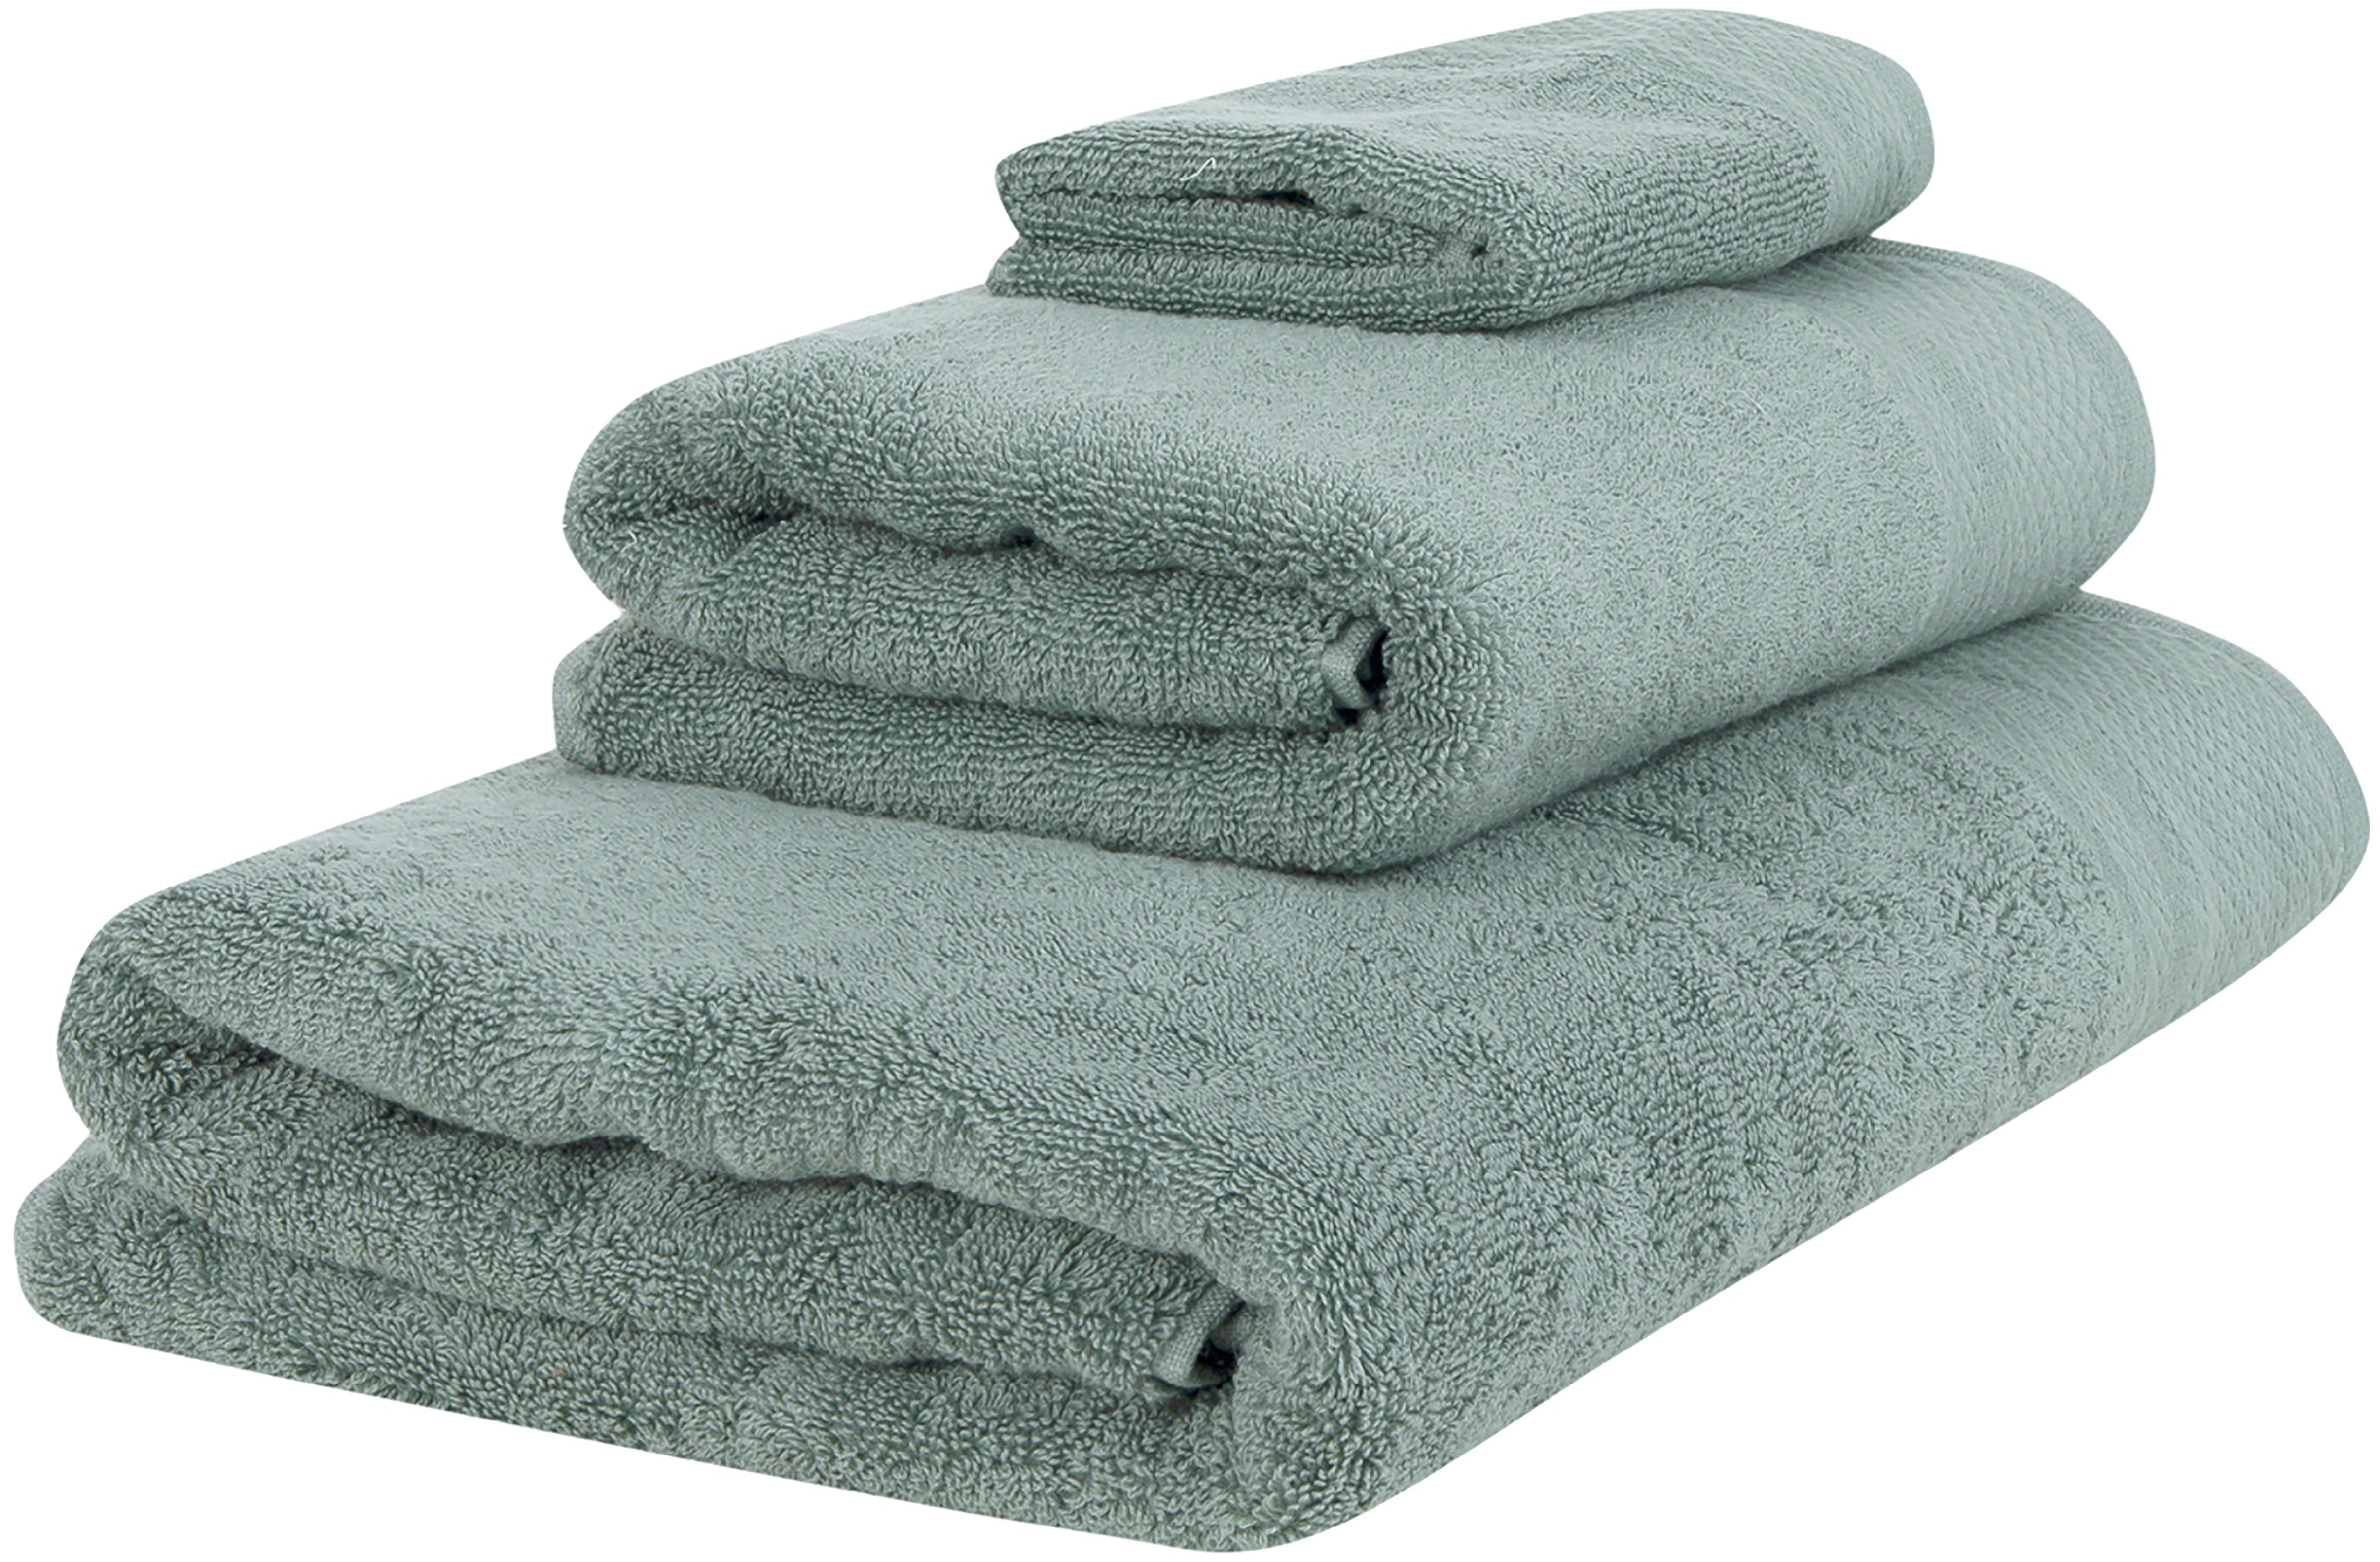 Handdoekenset Premium, 3-delig, 100% katoen, zware kwaliteit, 600 g/m², Saliegroen, Verschillende formaten